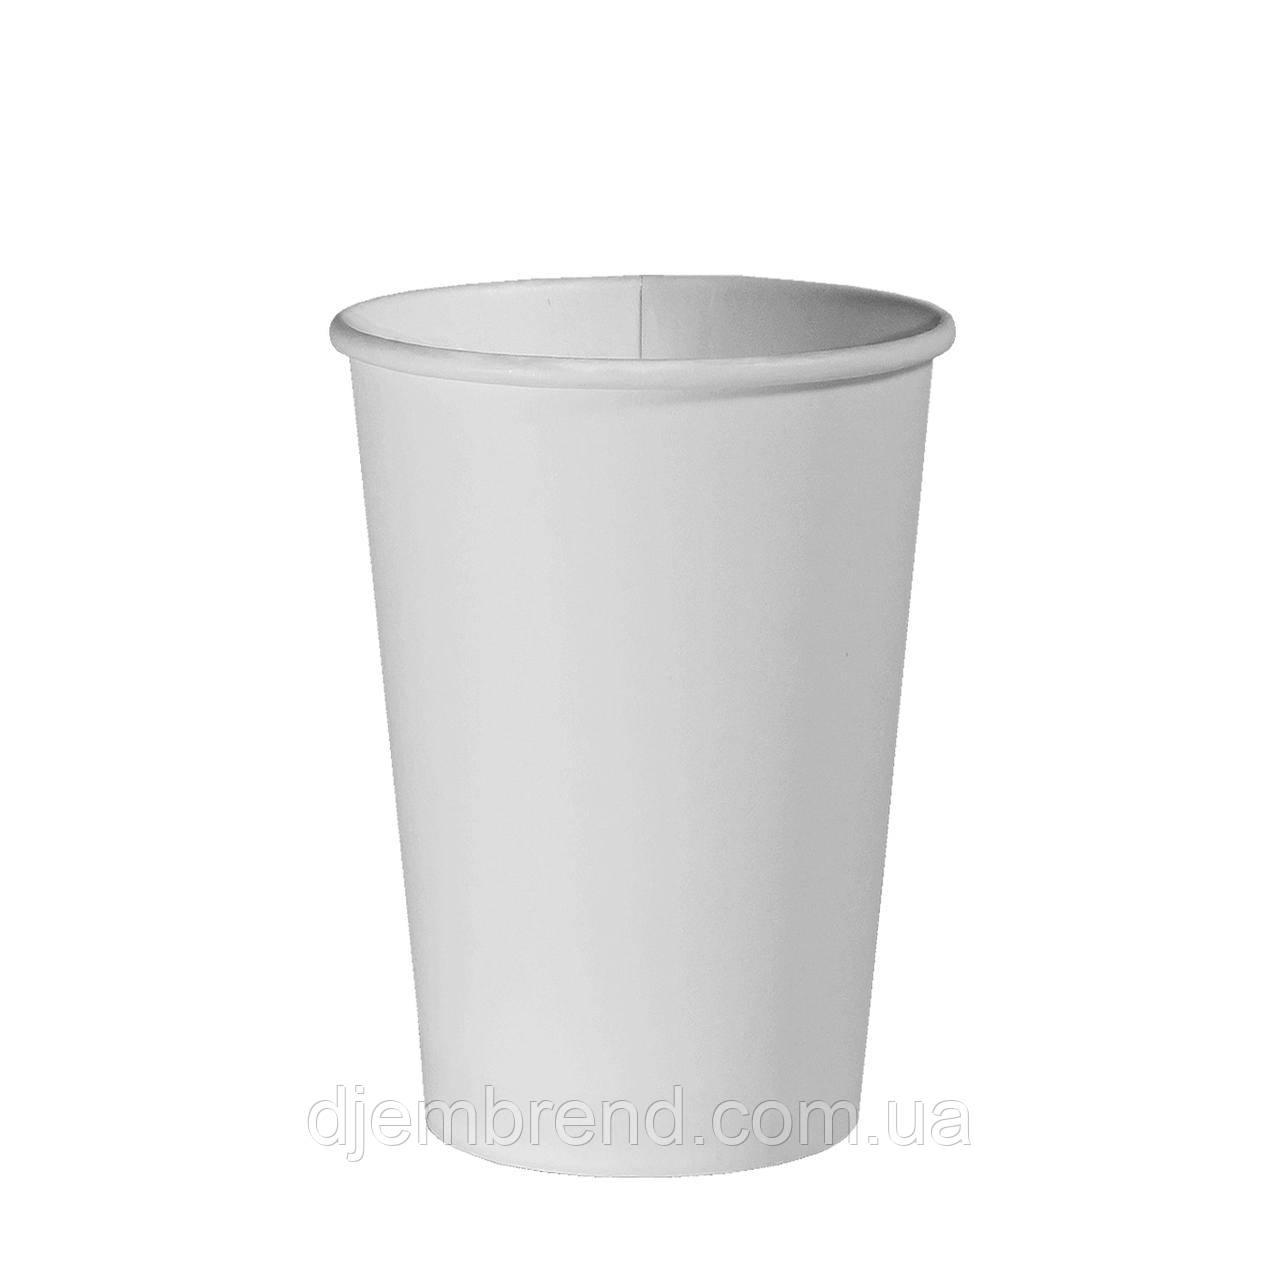 Стакан бумажный Белый 340мл. 50шт/уп (1ящ/40уп/2000шт) (КР80)